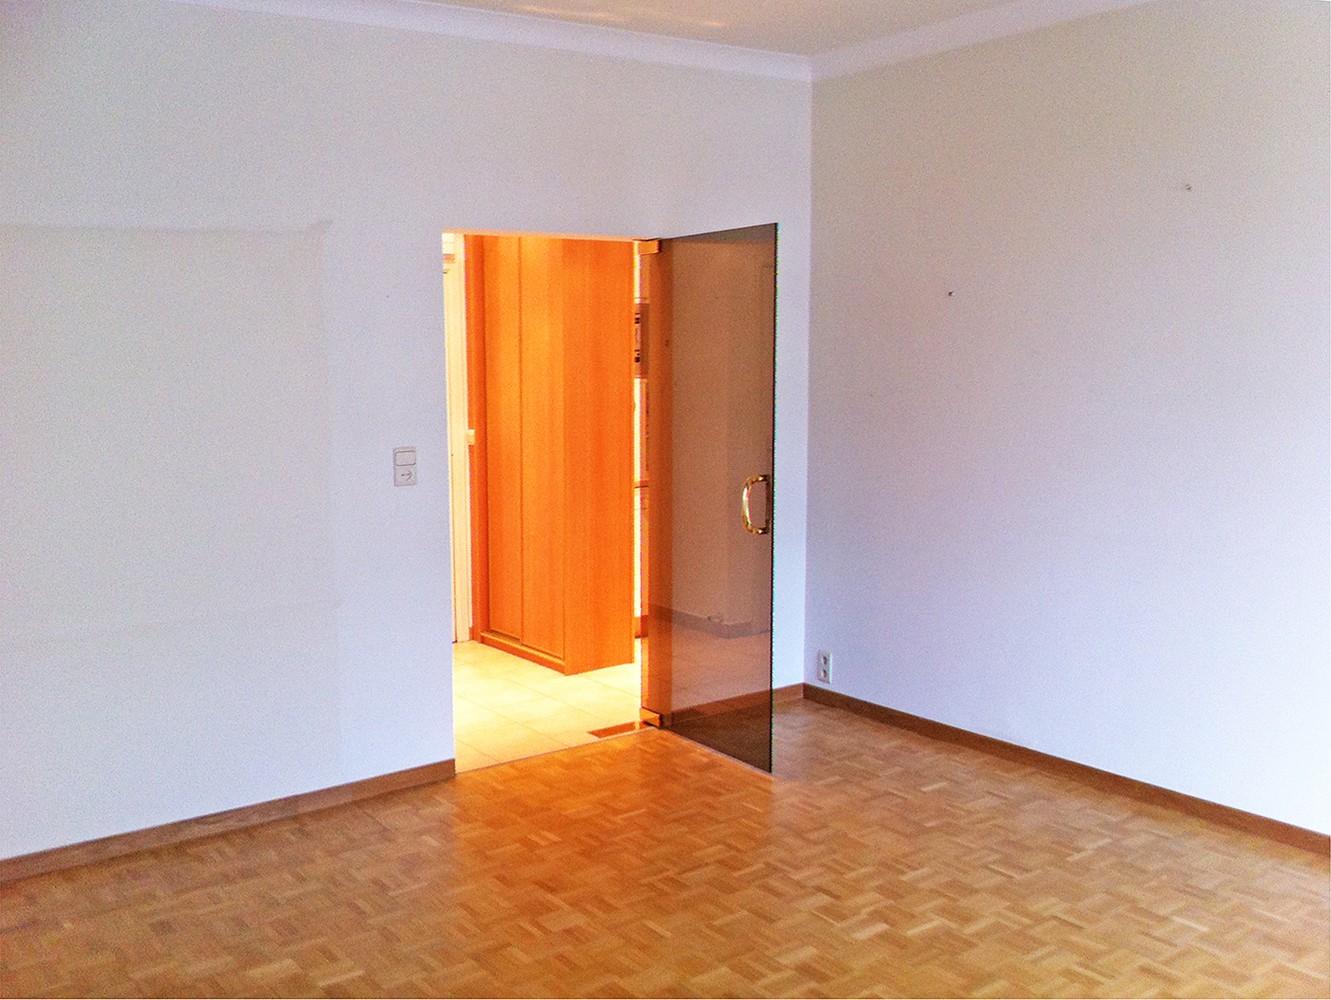 Goed onderhouden verhuurde serviceflat (58 m²) in vooraanstaande residentie te Antwerpen! afbeelding 9